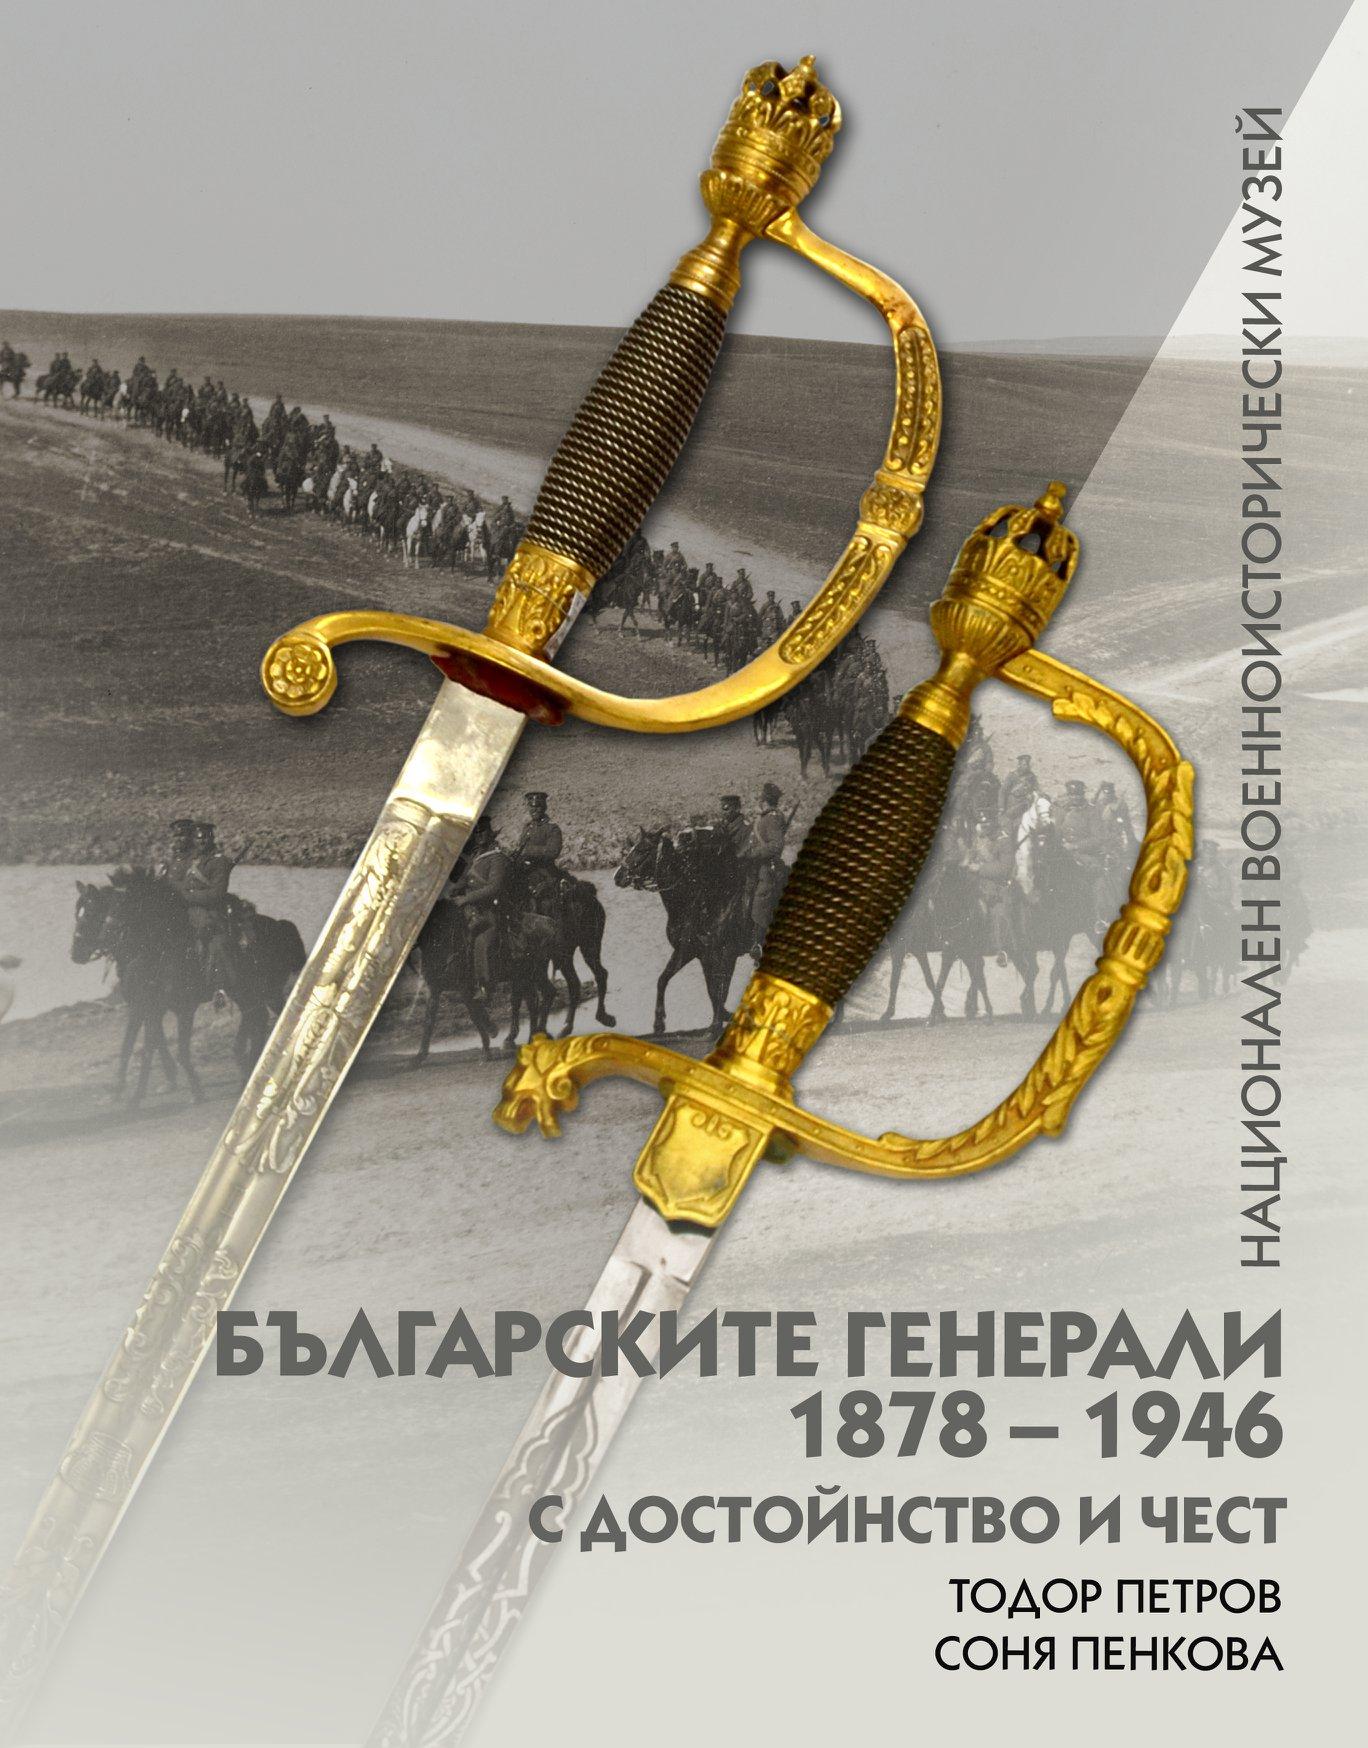 """НВИМ представя книга от поредицата """"Българските генерали 1878 – 1946. С достойнство и чест"""""""